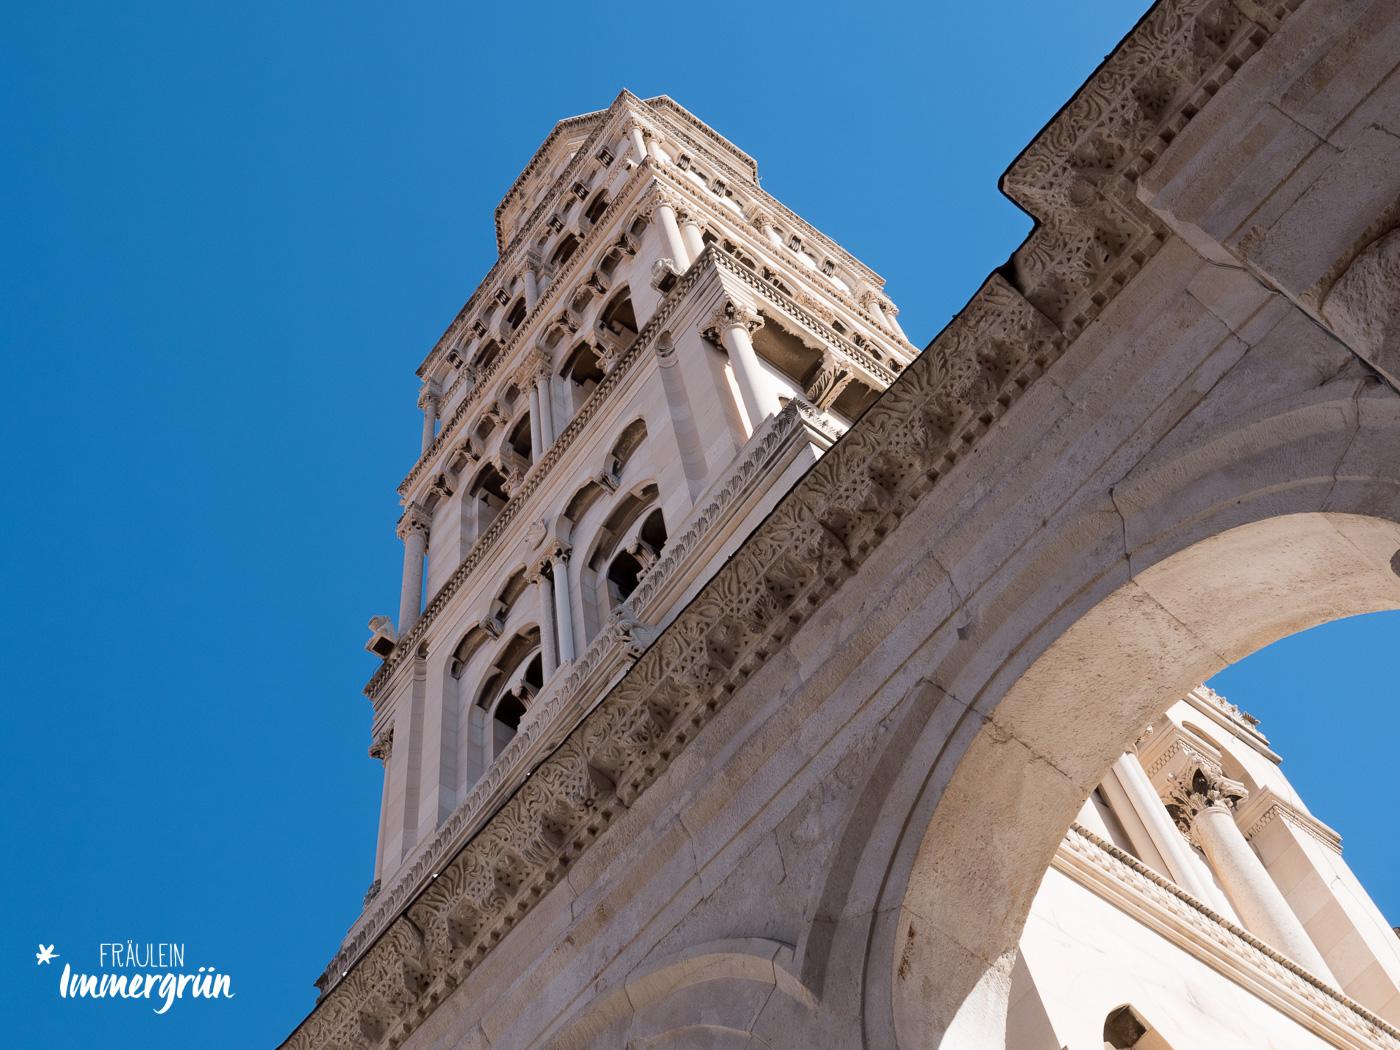 Dalmatien in Kroatien: Urlaub an der dalmatinischen Küste in der Nebensaison – Split Diokletianpalast